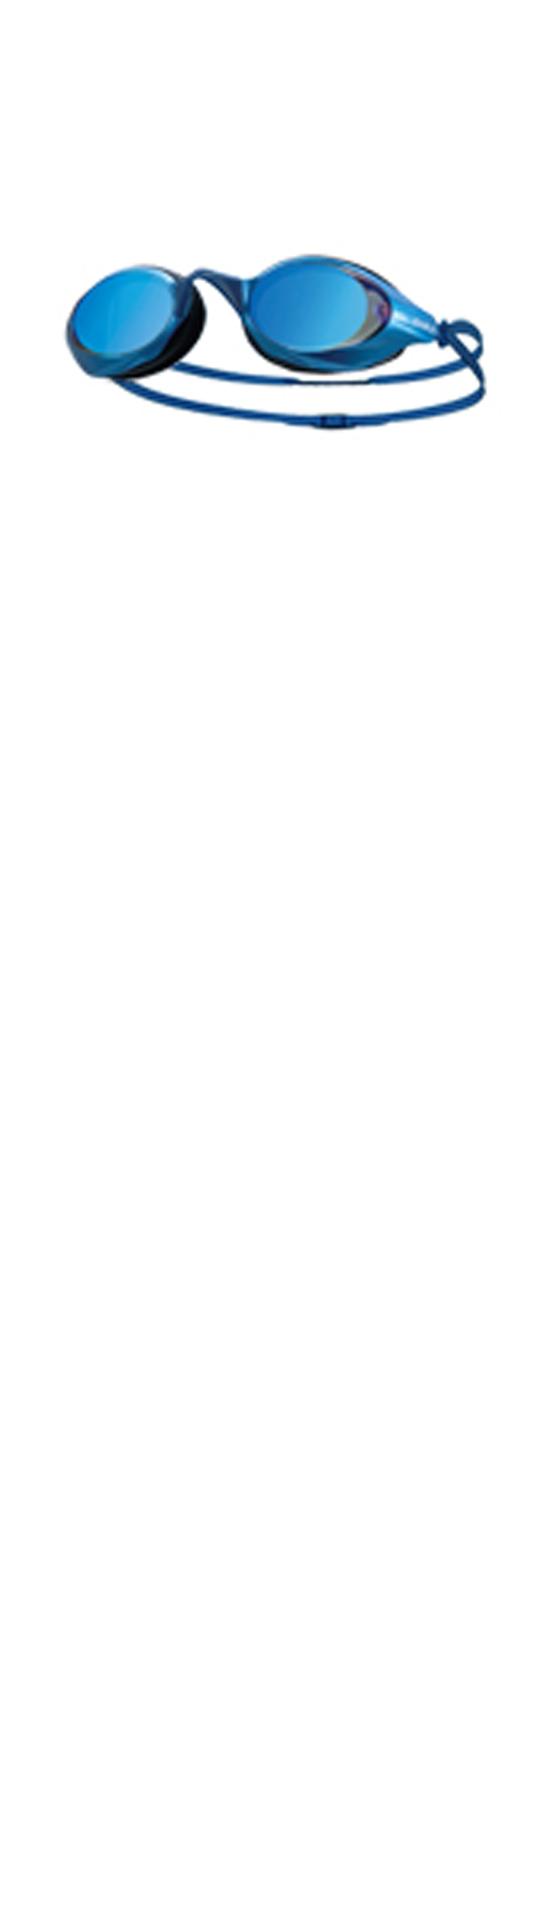 SABLE 100MT平光泳镜 任选卖场 蓝@100MT-02@